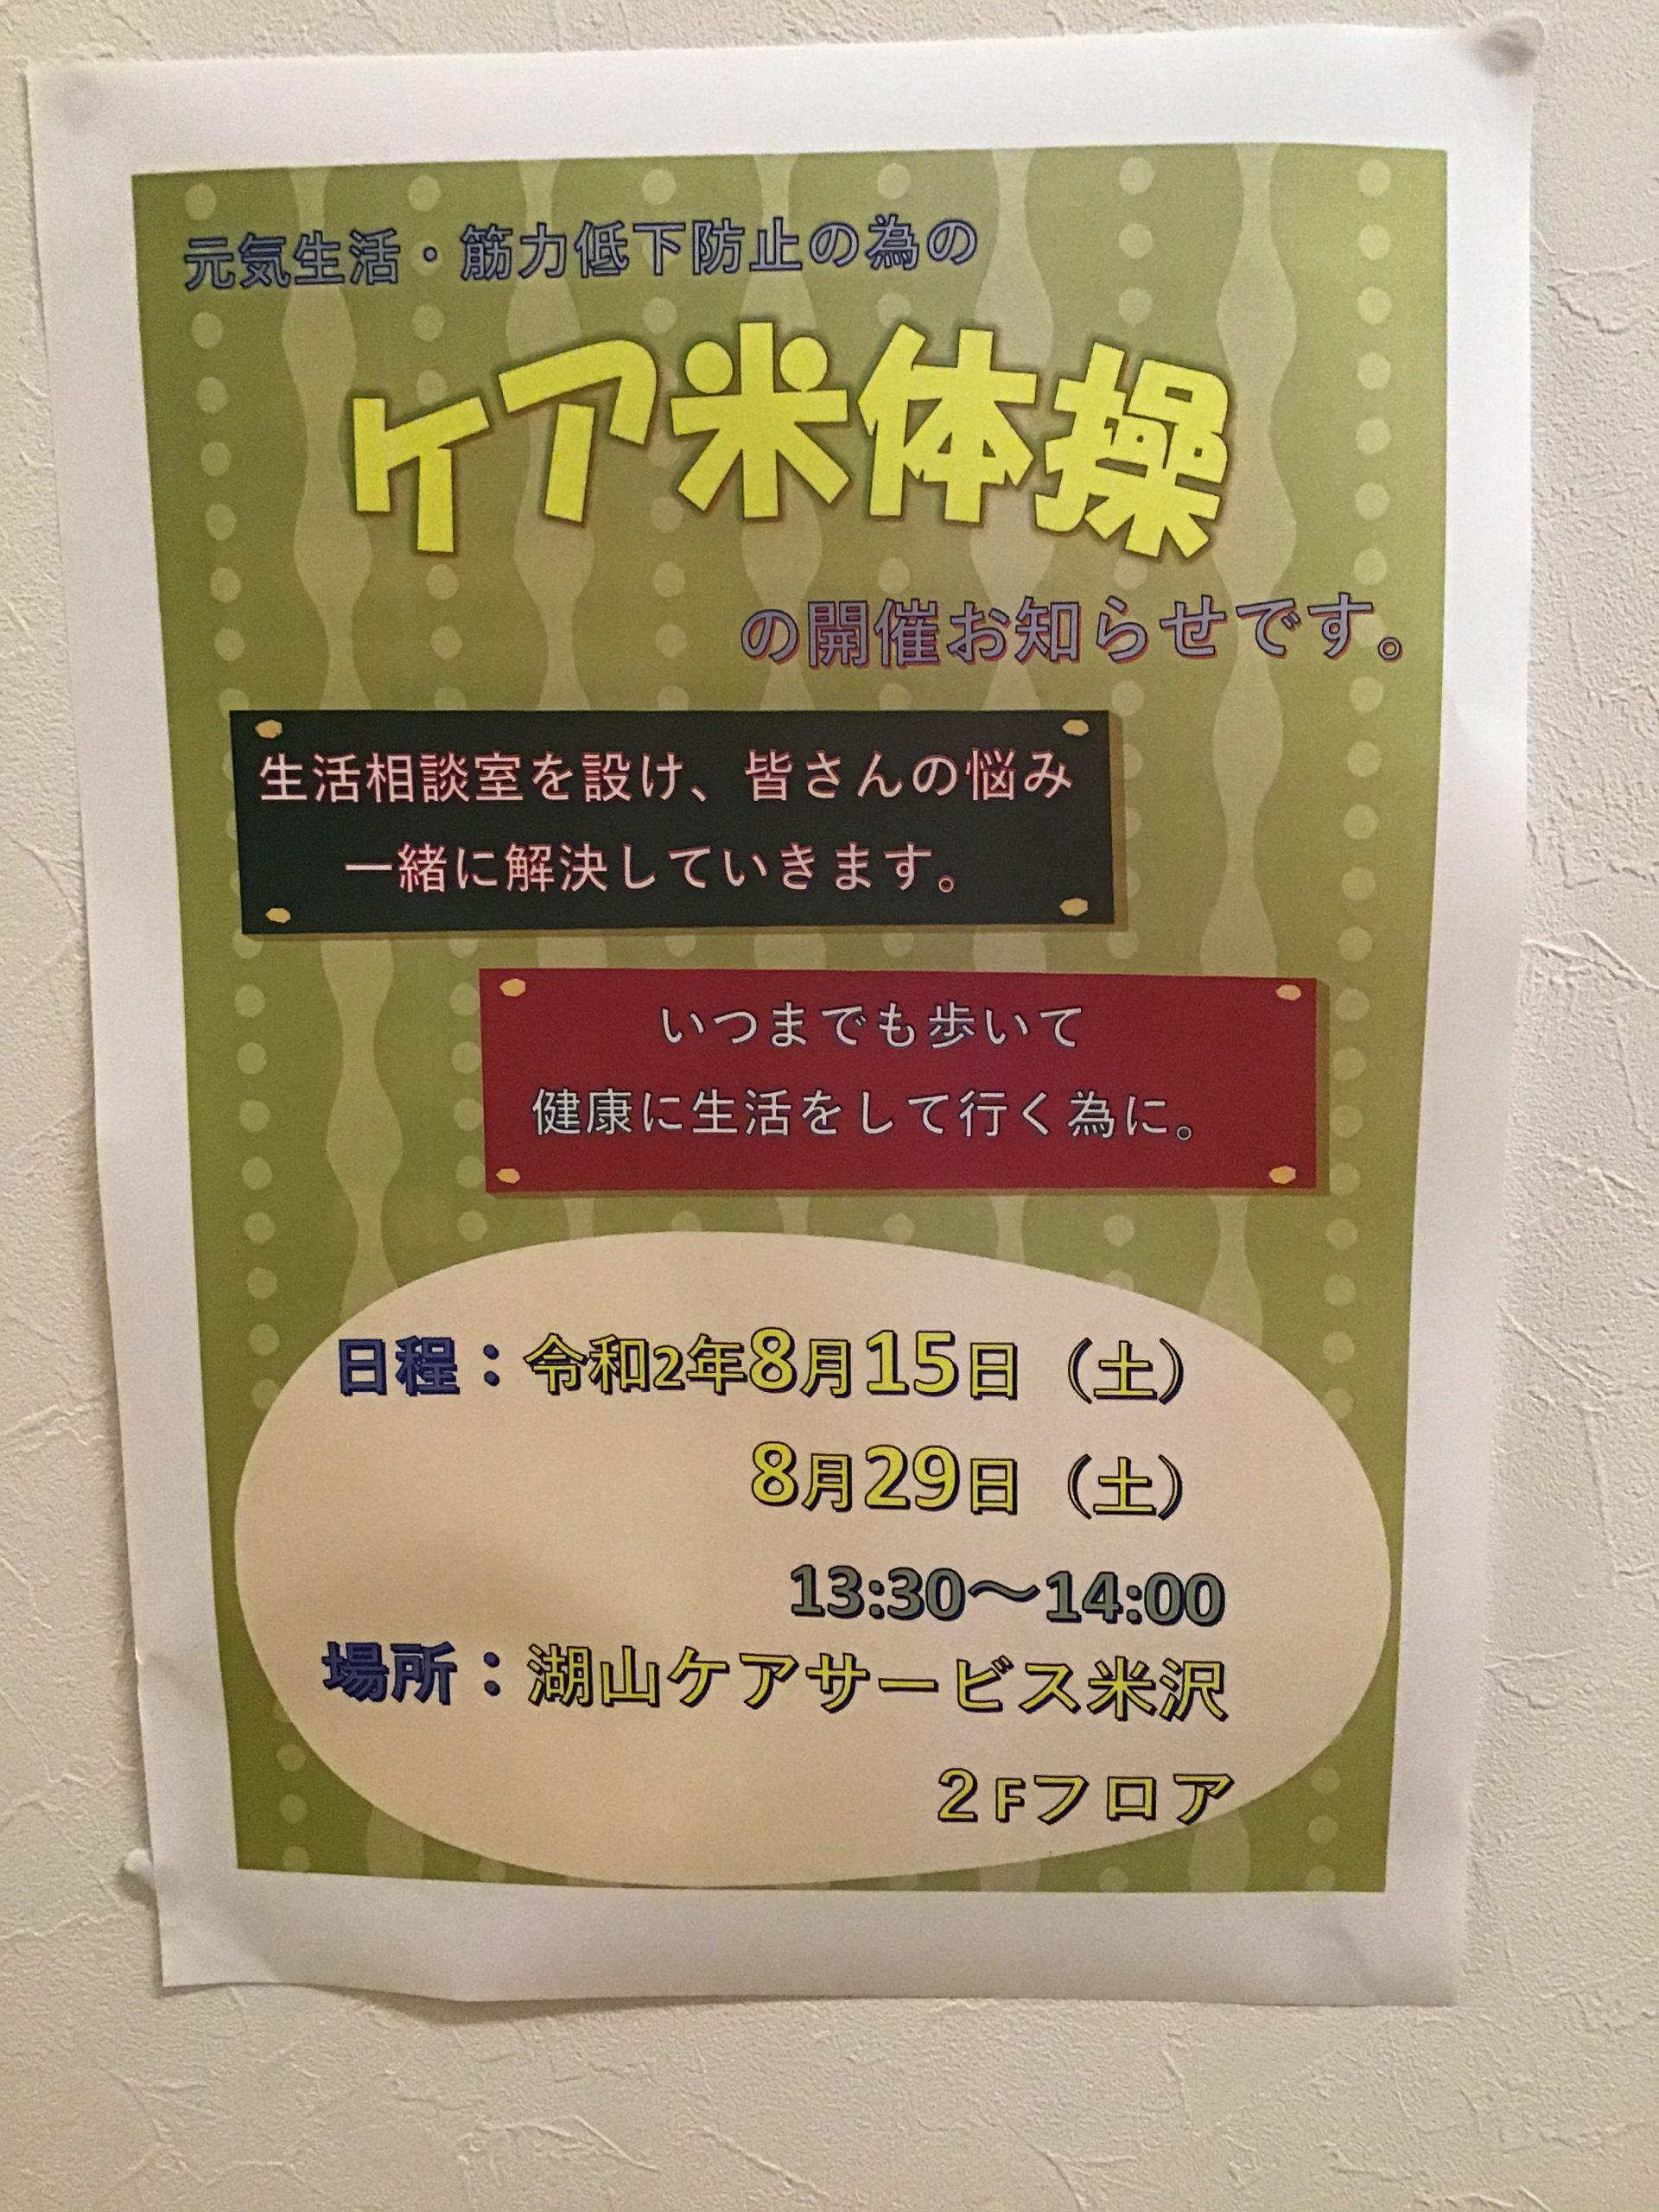 ⭐️湖山ケアサービス米沢⭐️体操教室